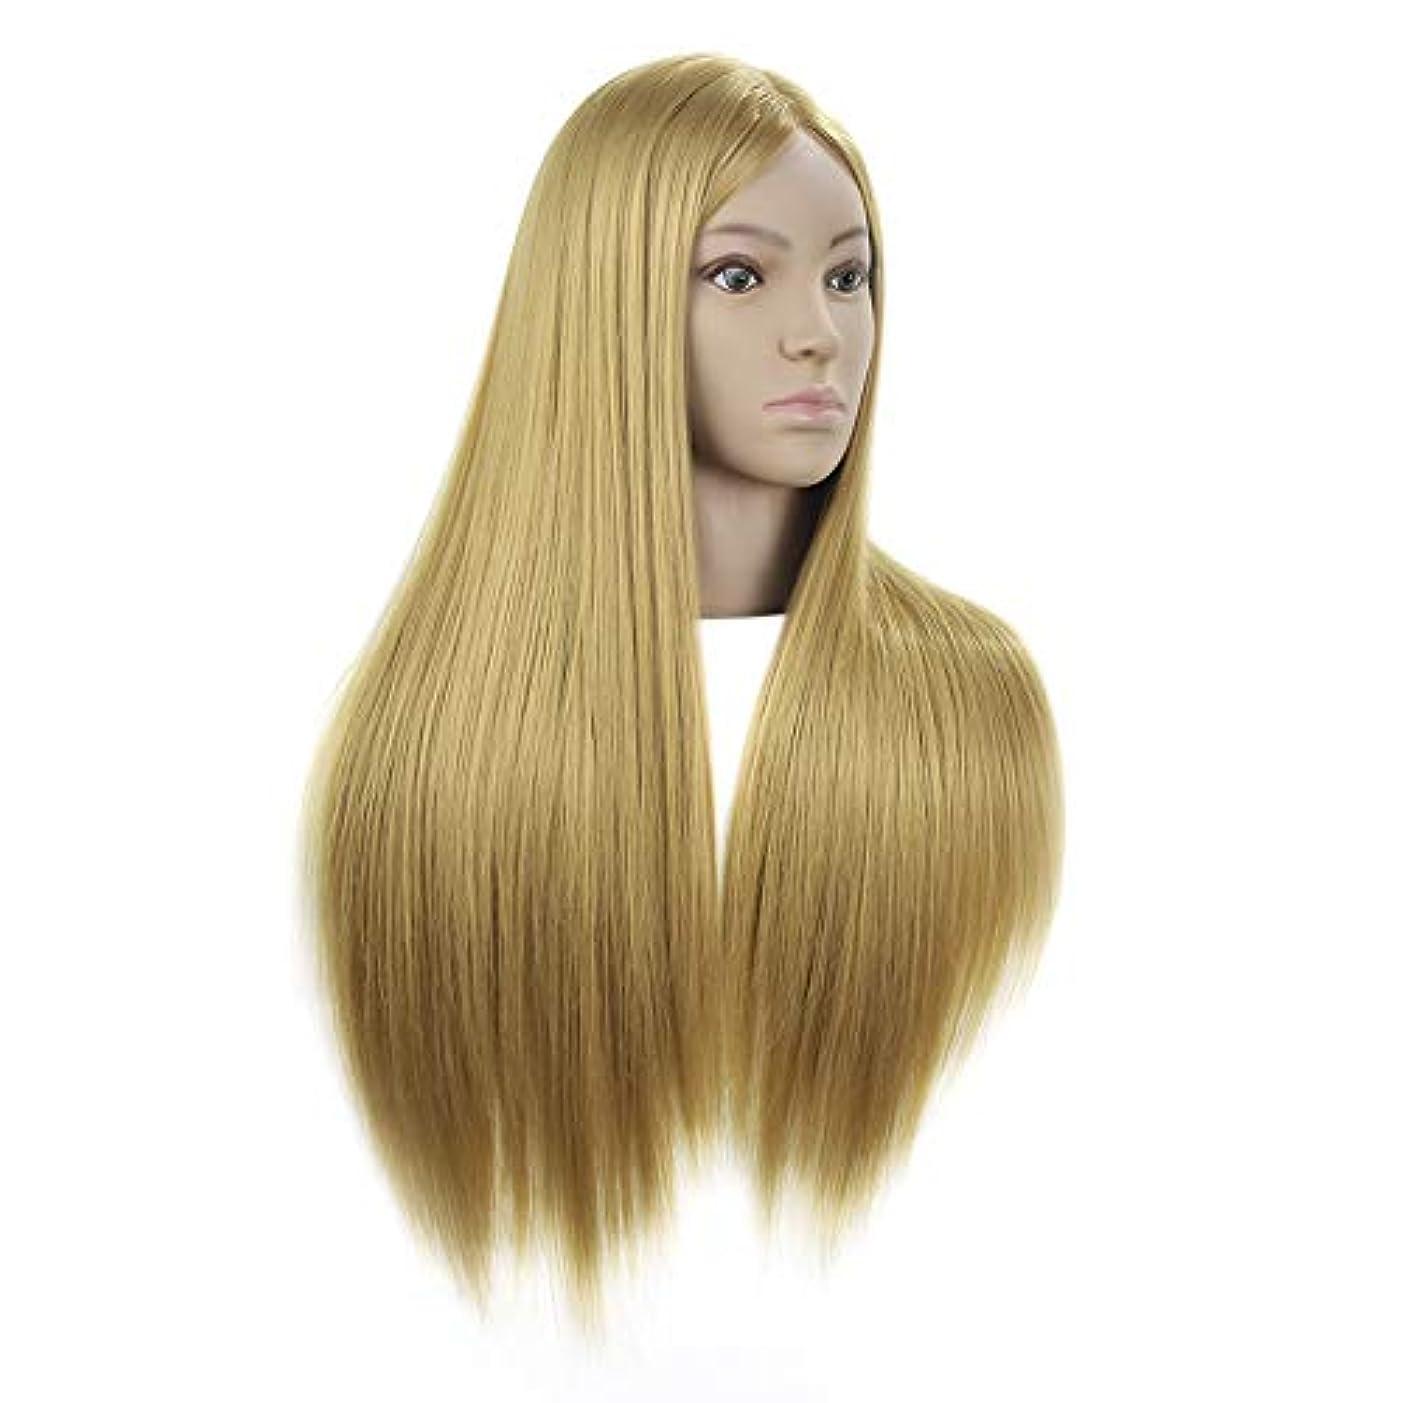 報酬種類タオルリアルヘアスタイリングマネキンヘッド女性ヘッドモデル教育ヘッド理髪店編組ヘア染色学習ダミーヘッド